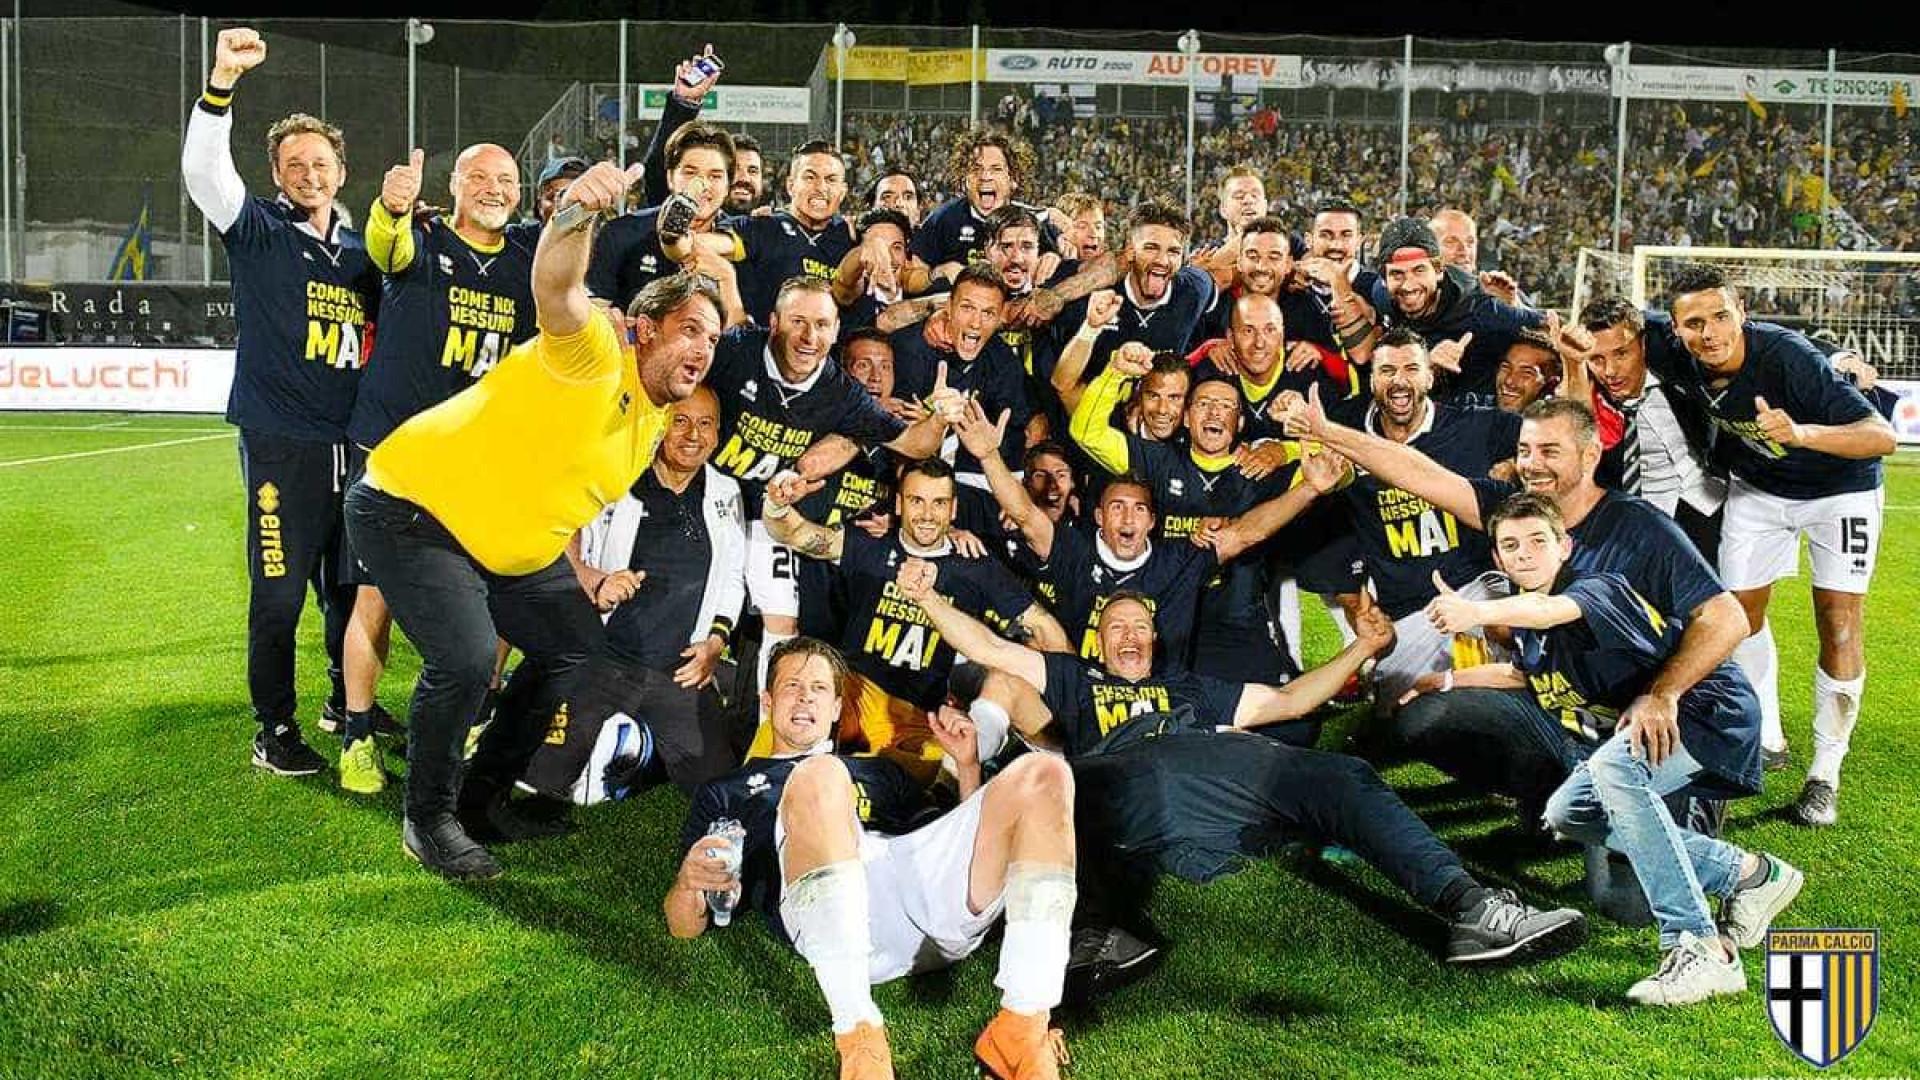 Parma é punido e volta à elite Italiana com cinco pontos negativos